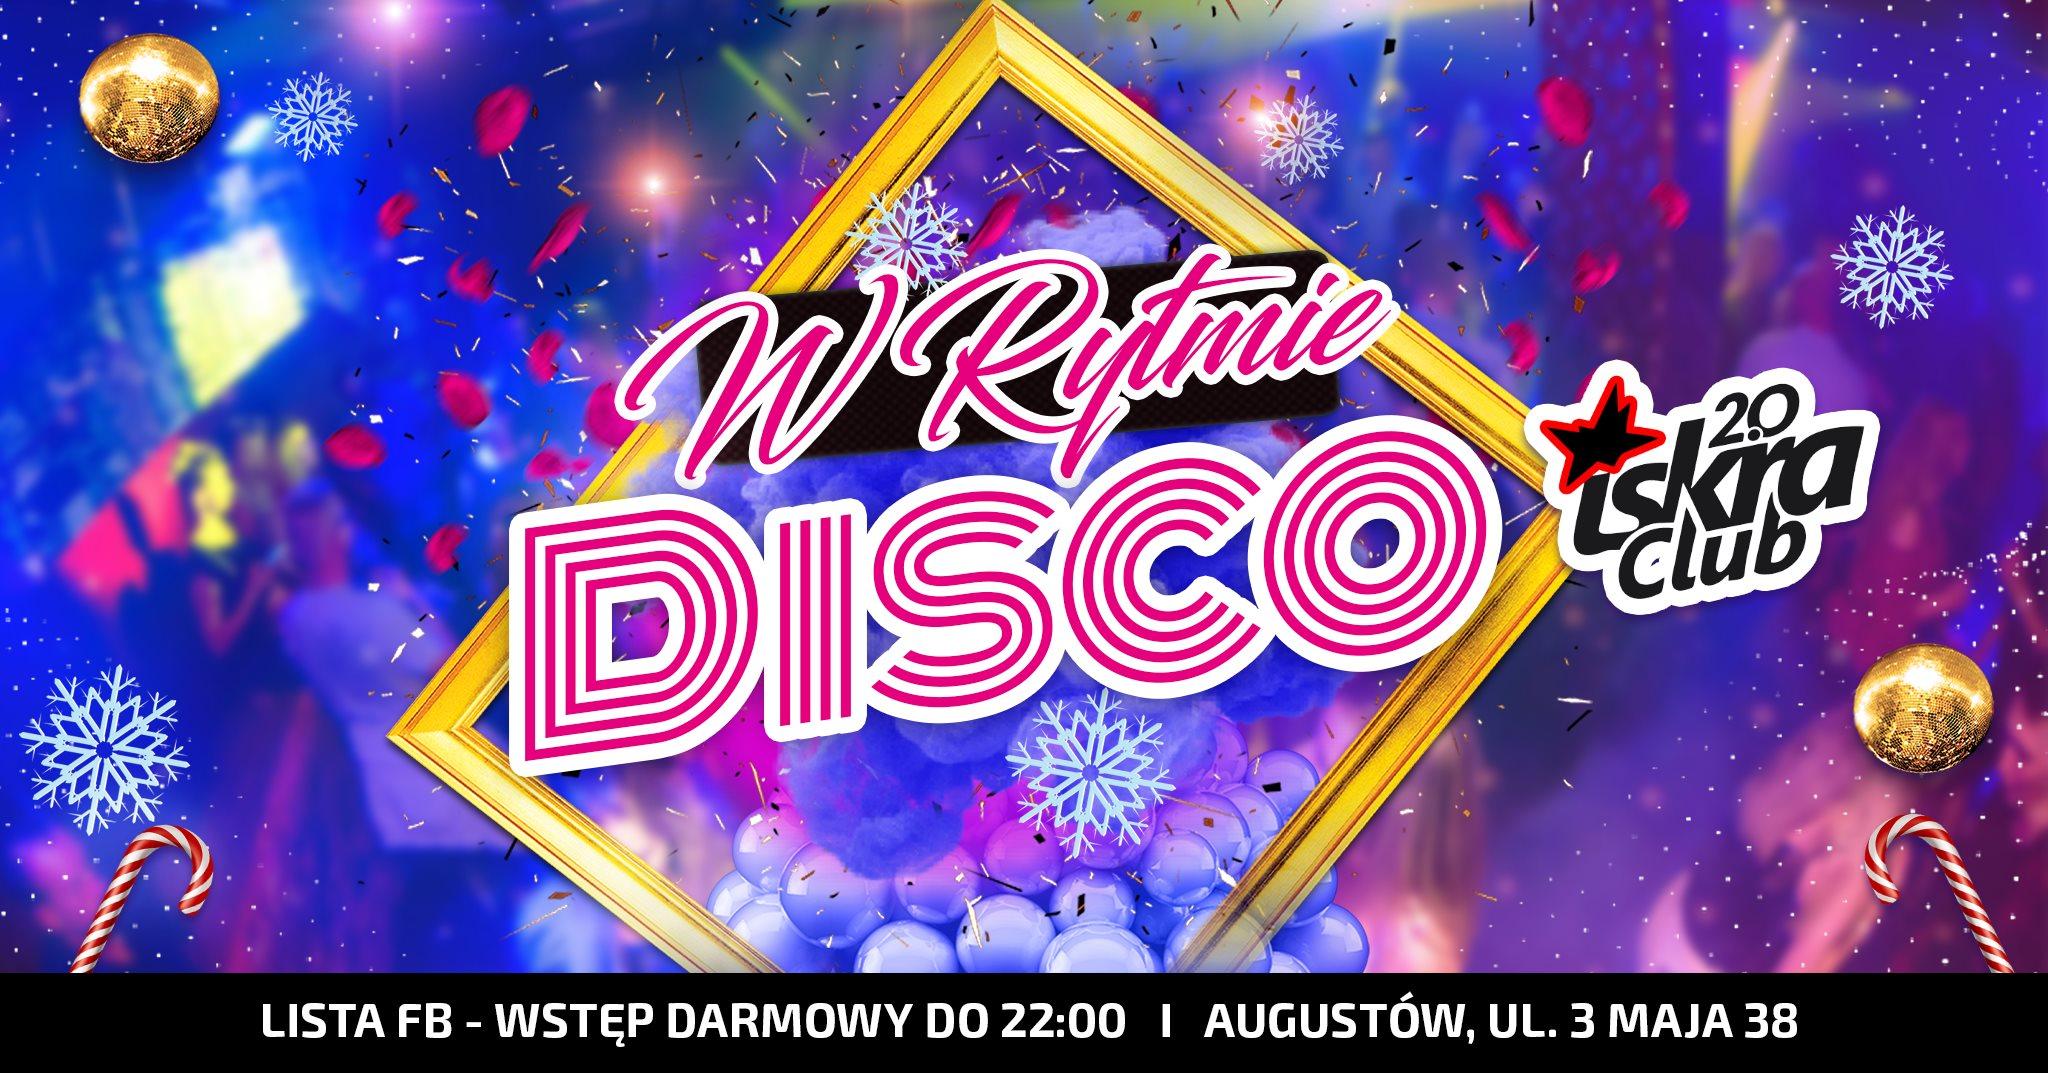 Sobota / W Rytmie Disco / Iskra Augustów 2.0 /ListaFB Free do 22